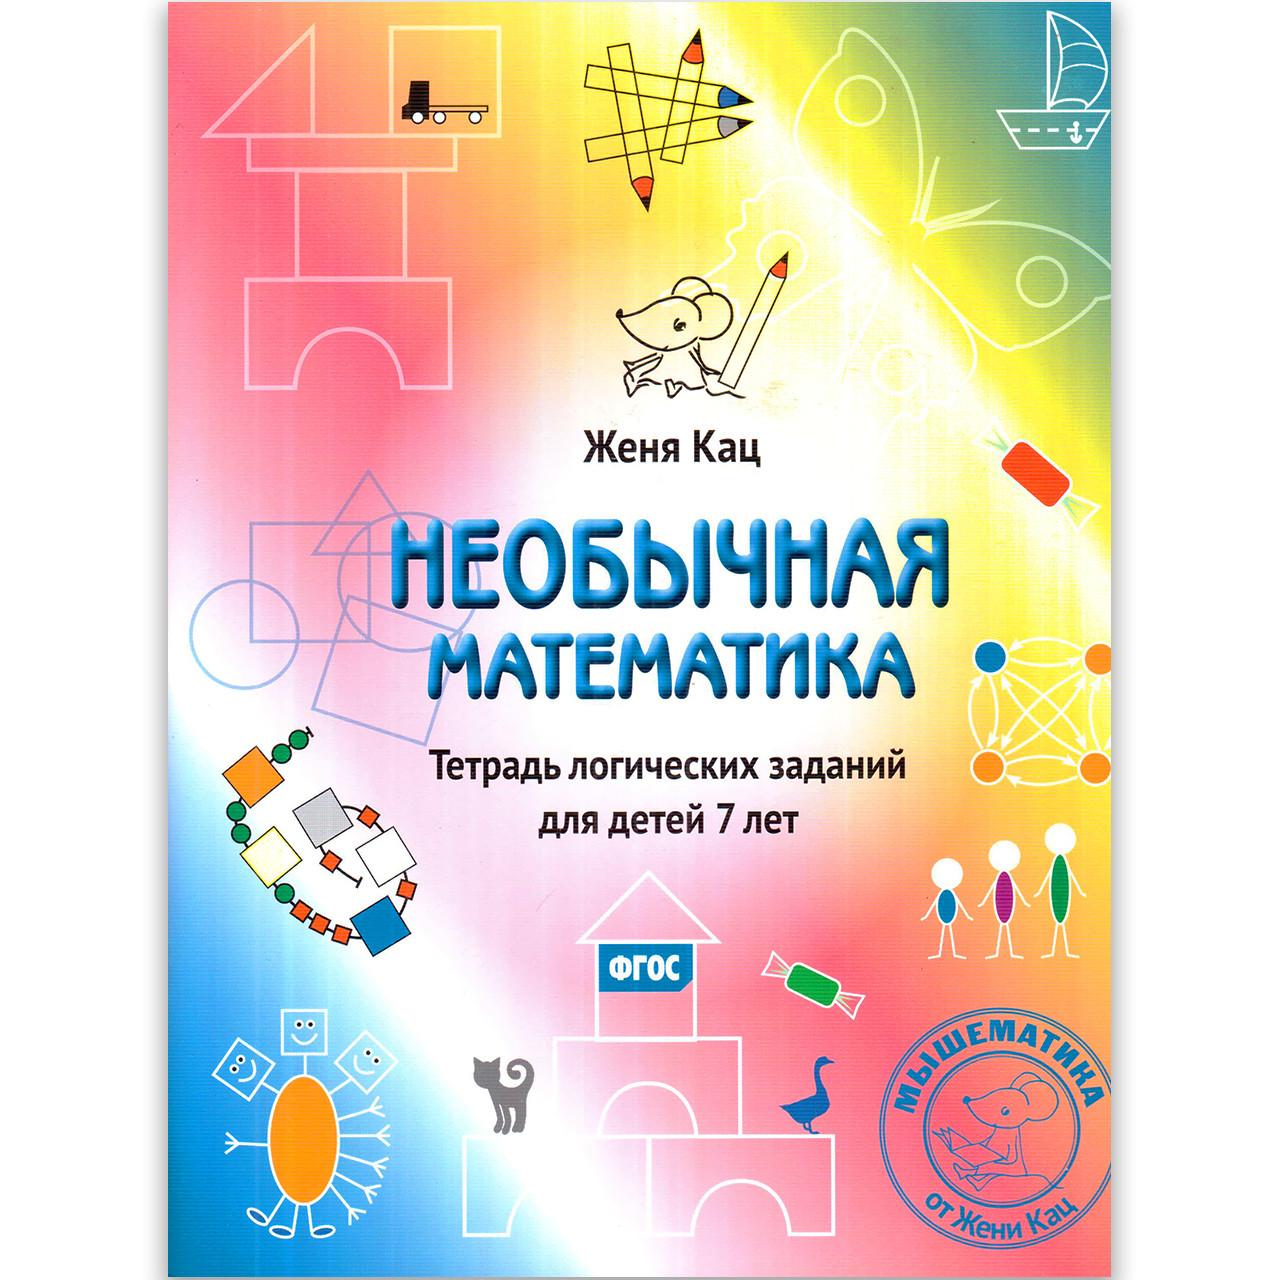 Необычная математика для детей 7 лет Авт: Женя Кац Изд: МЦНМО